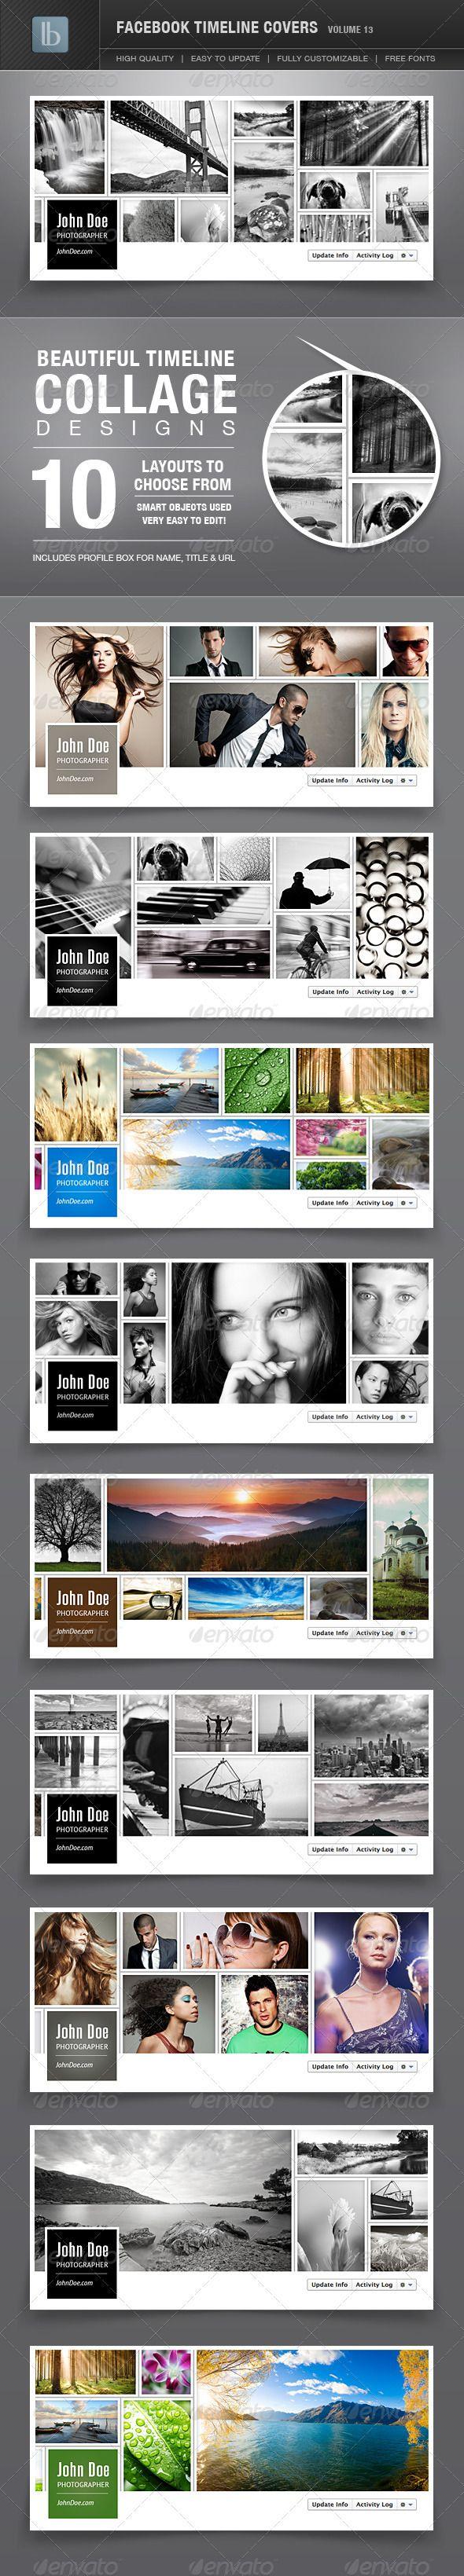 Facebook Timeline Covers | Volume 13 - GraphicRiver Item for Sale web design